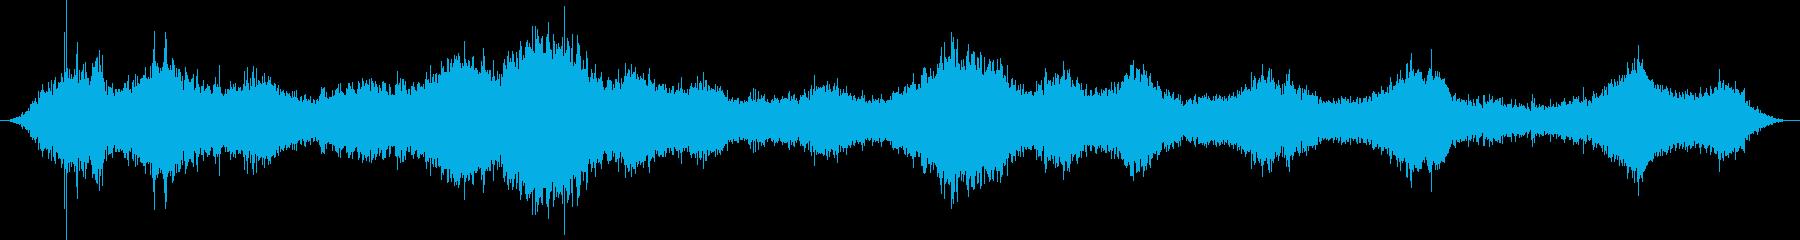 ブーン(車がどんどん走り去る音)の再生済みの波形